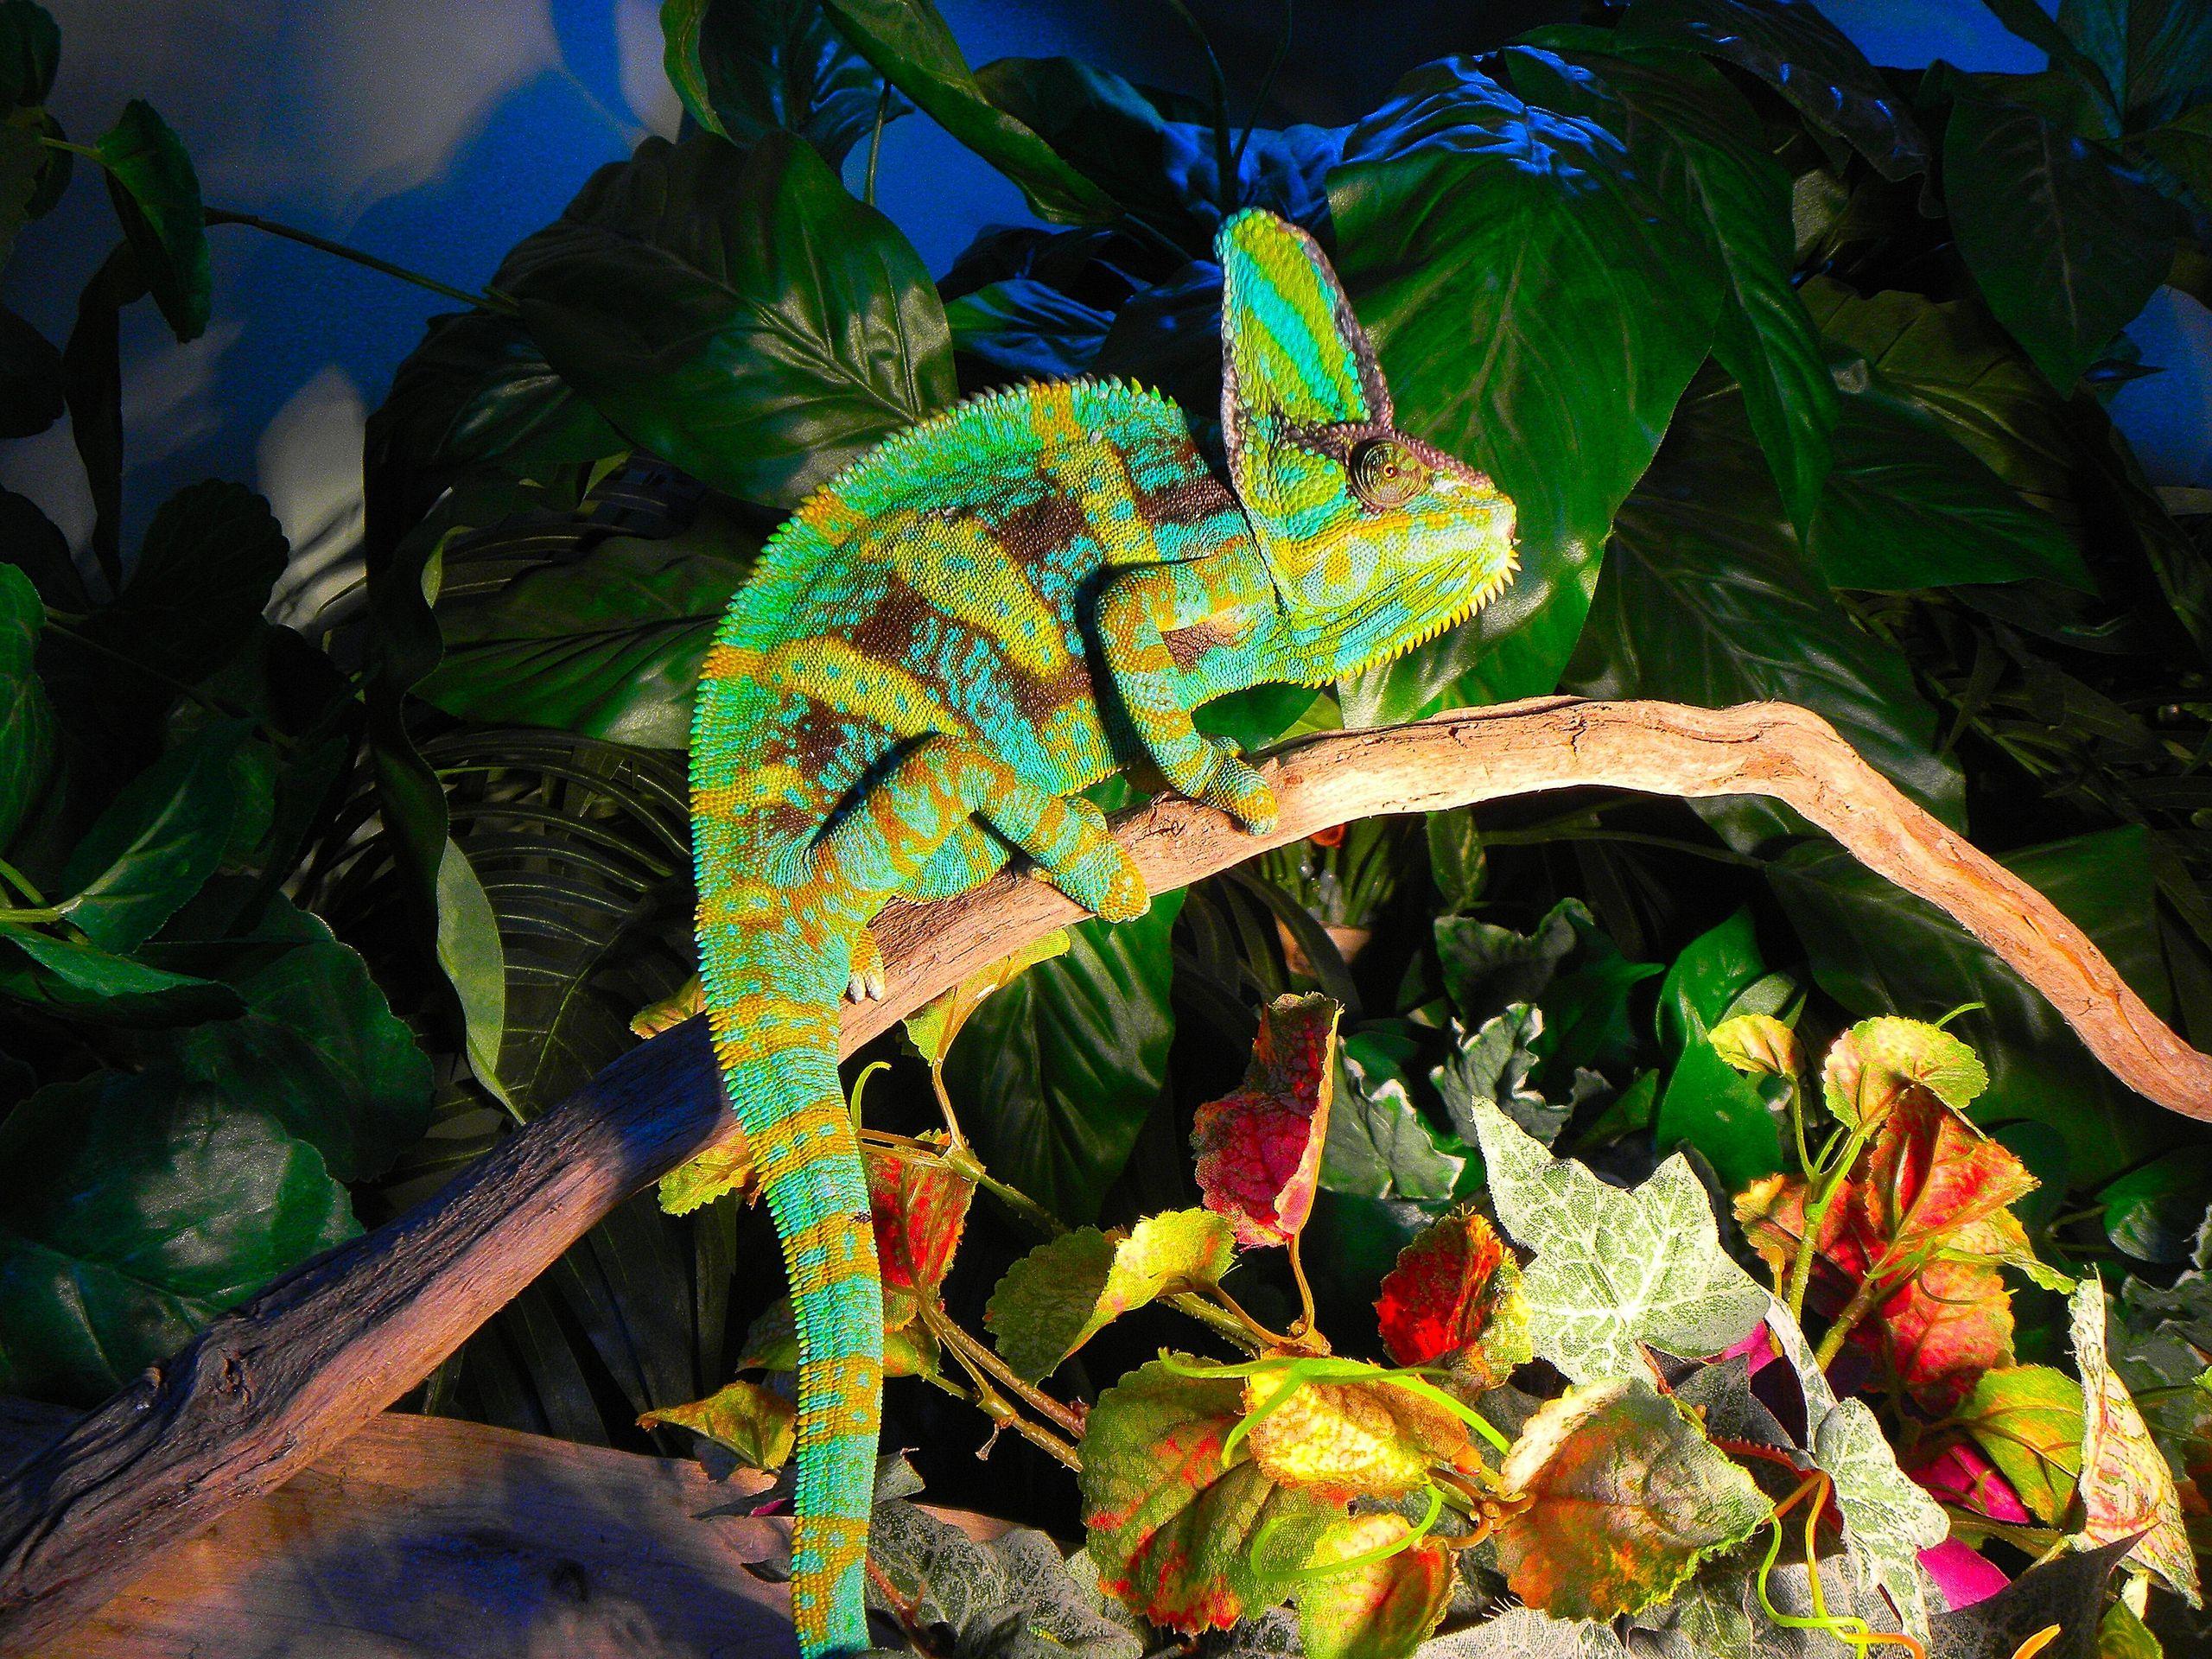 full grown veiled chameleon Google Search Veiled